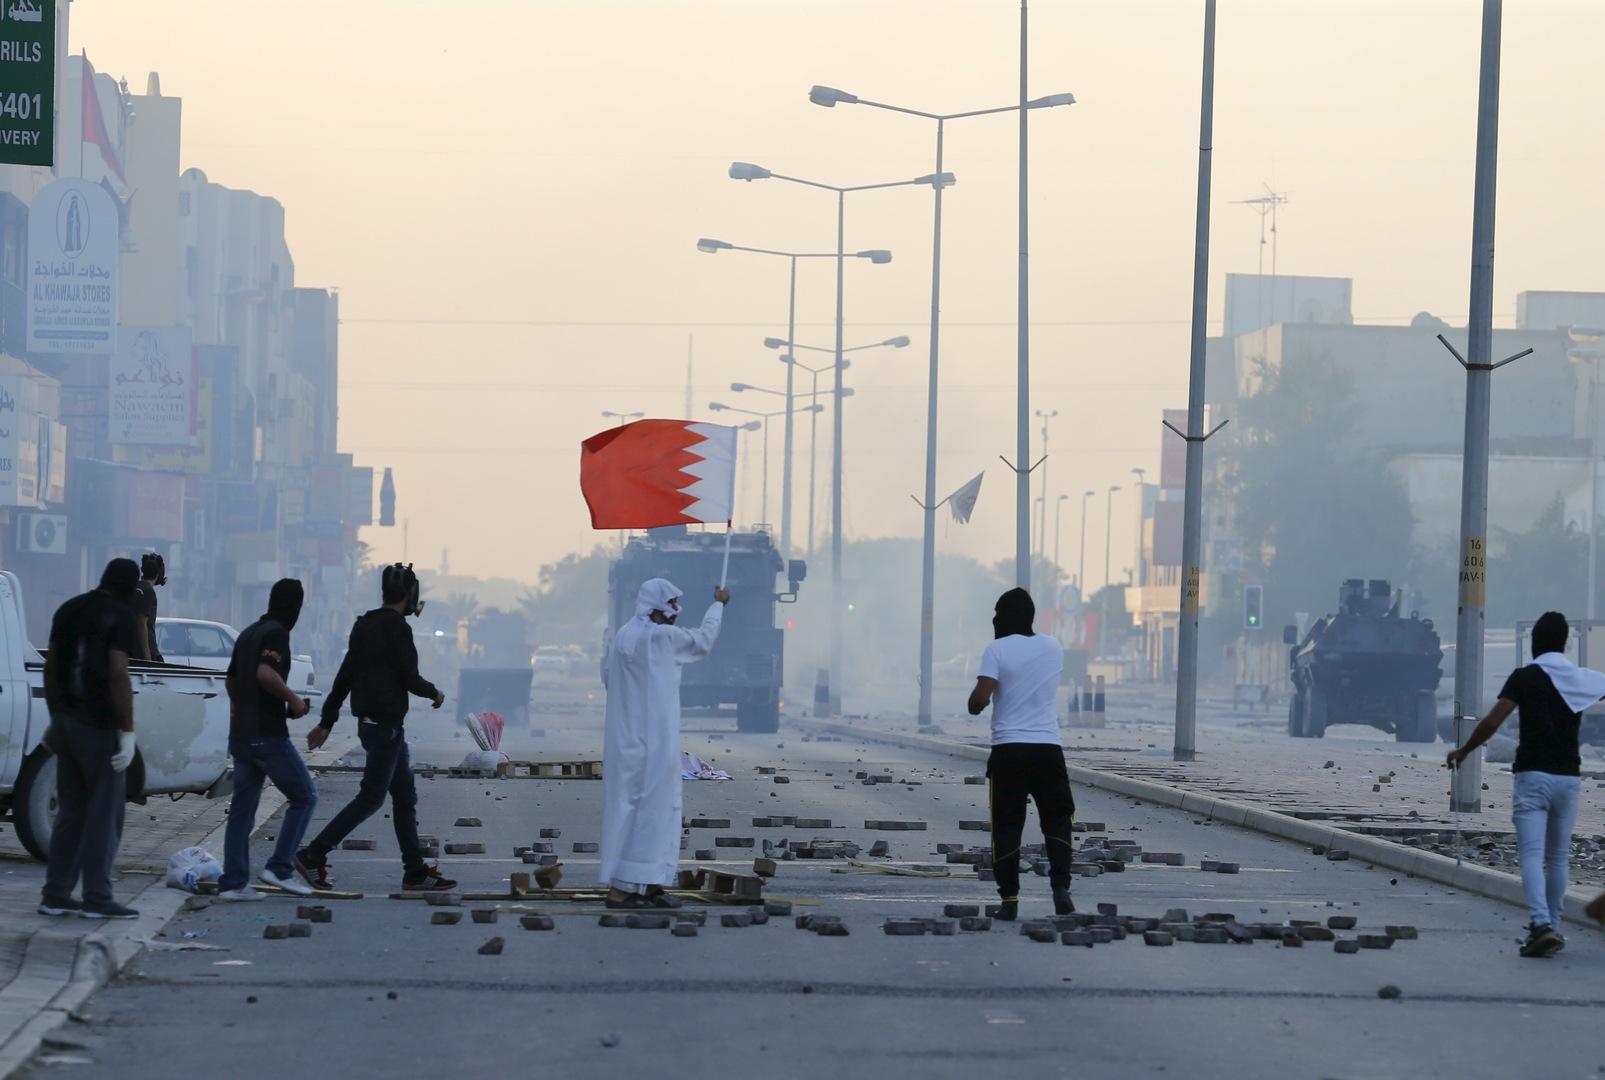 أعلى محكمة في البحرين تؤيد حكم الإعدام ضد شخصين متهمين بقتل ضابط شرطة